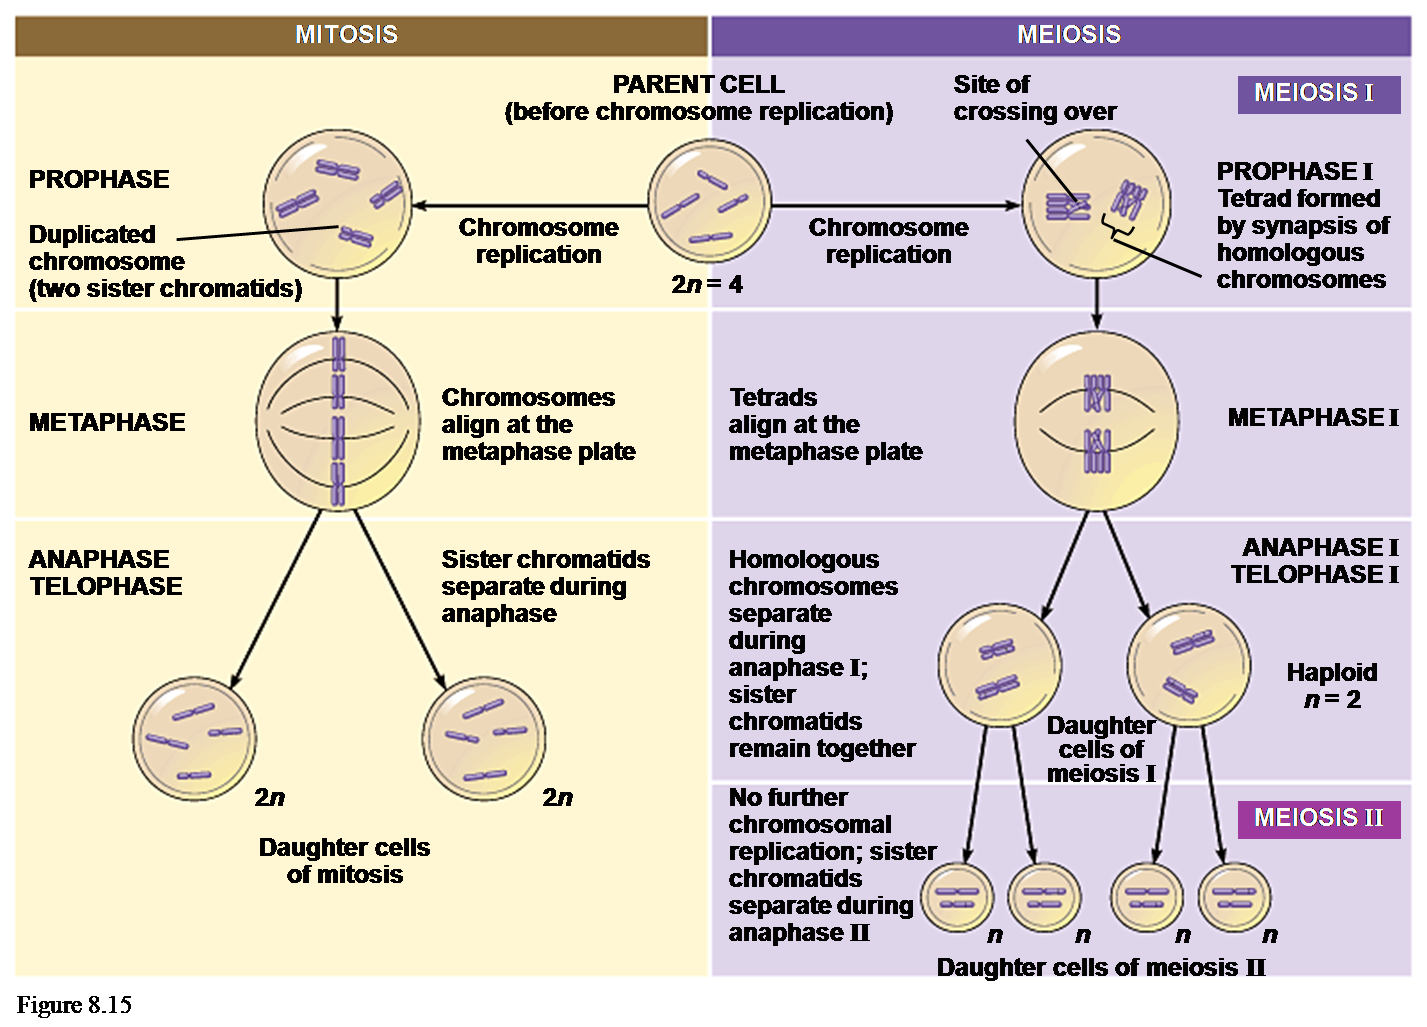 Berikut Perbedaan Mitosis Dan Meiosis Secara Lengkap Tabel Dosen Arsitektur Ui